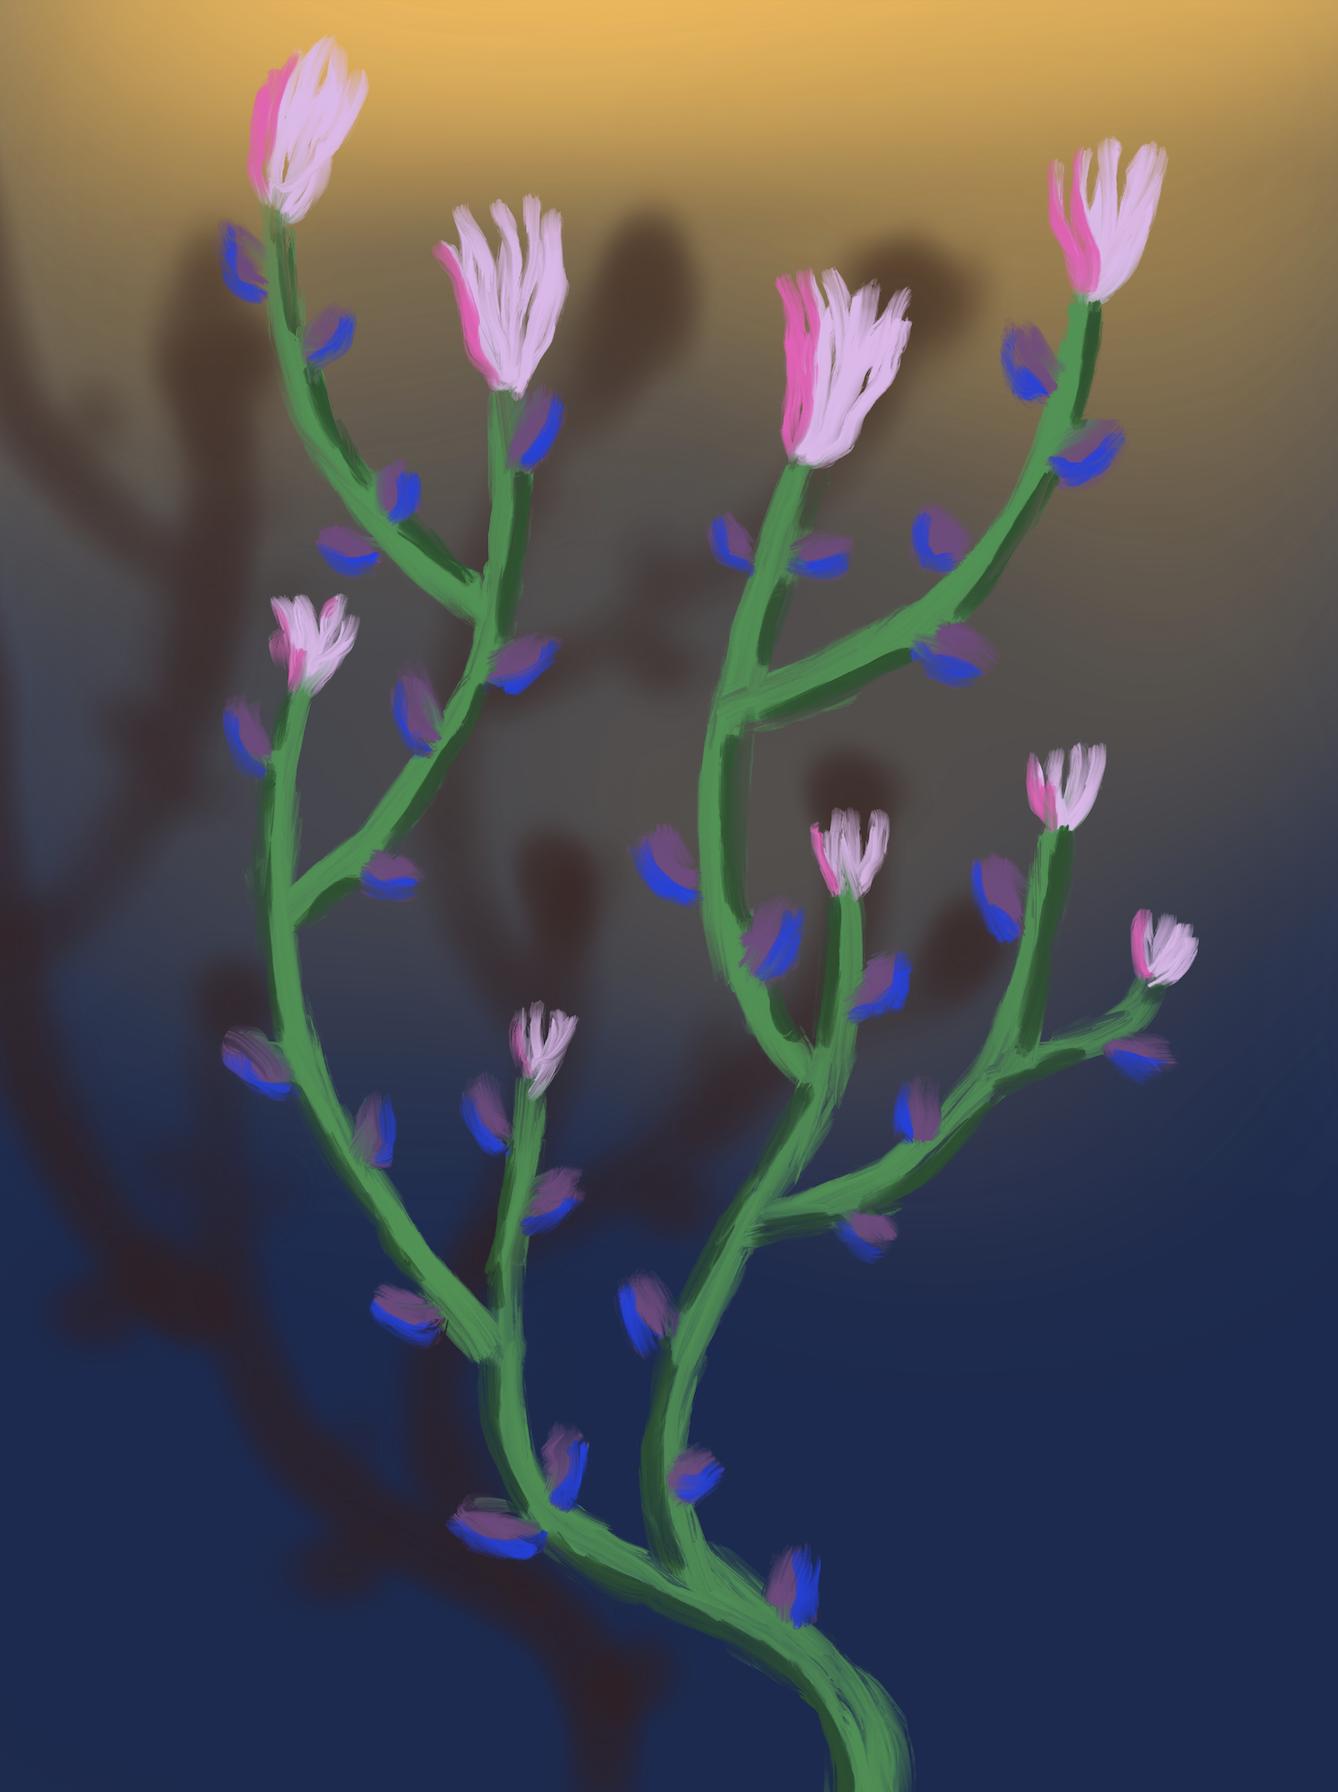 fleurs 7, acrylic on canvas, 45x60cm